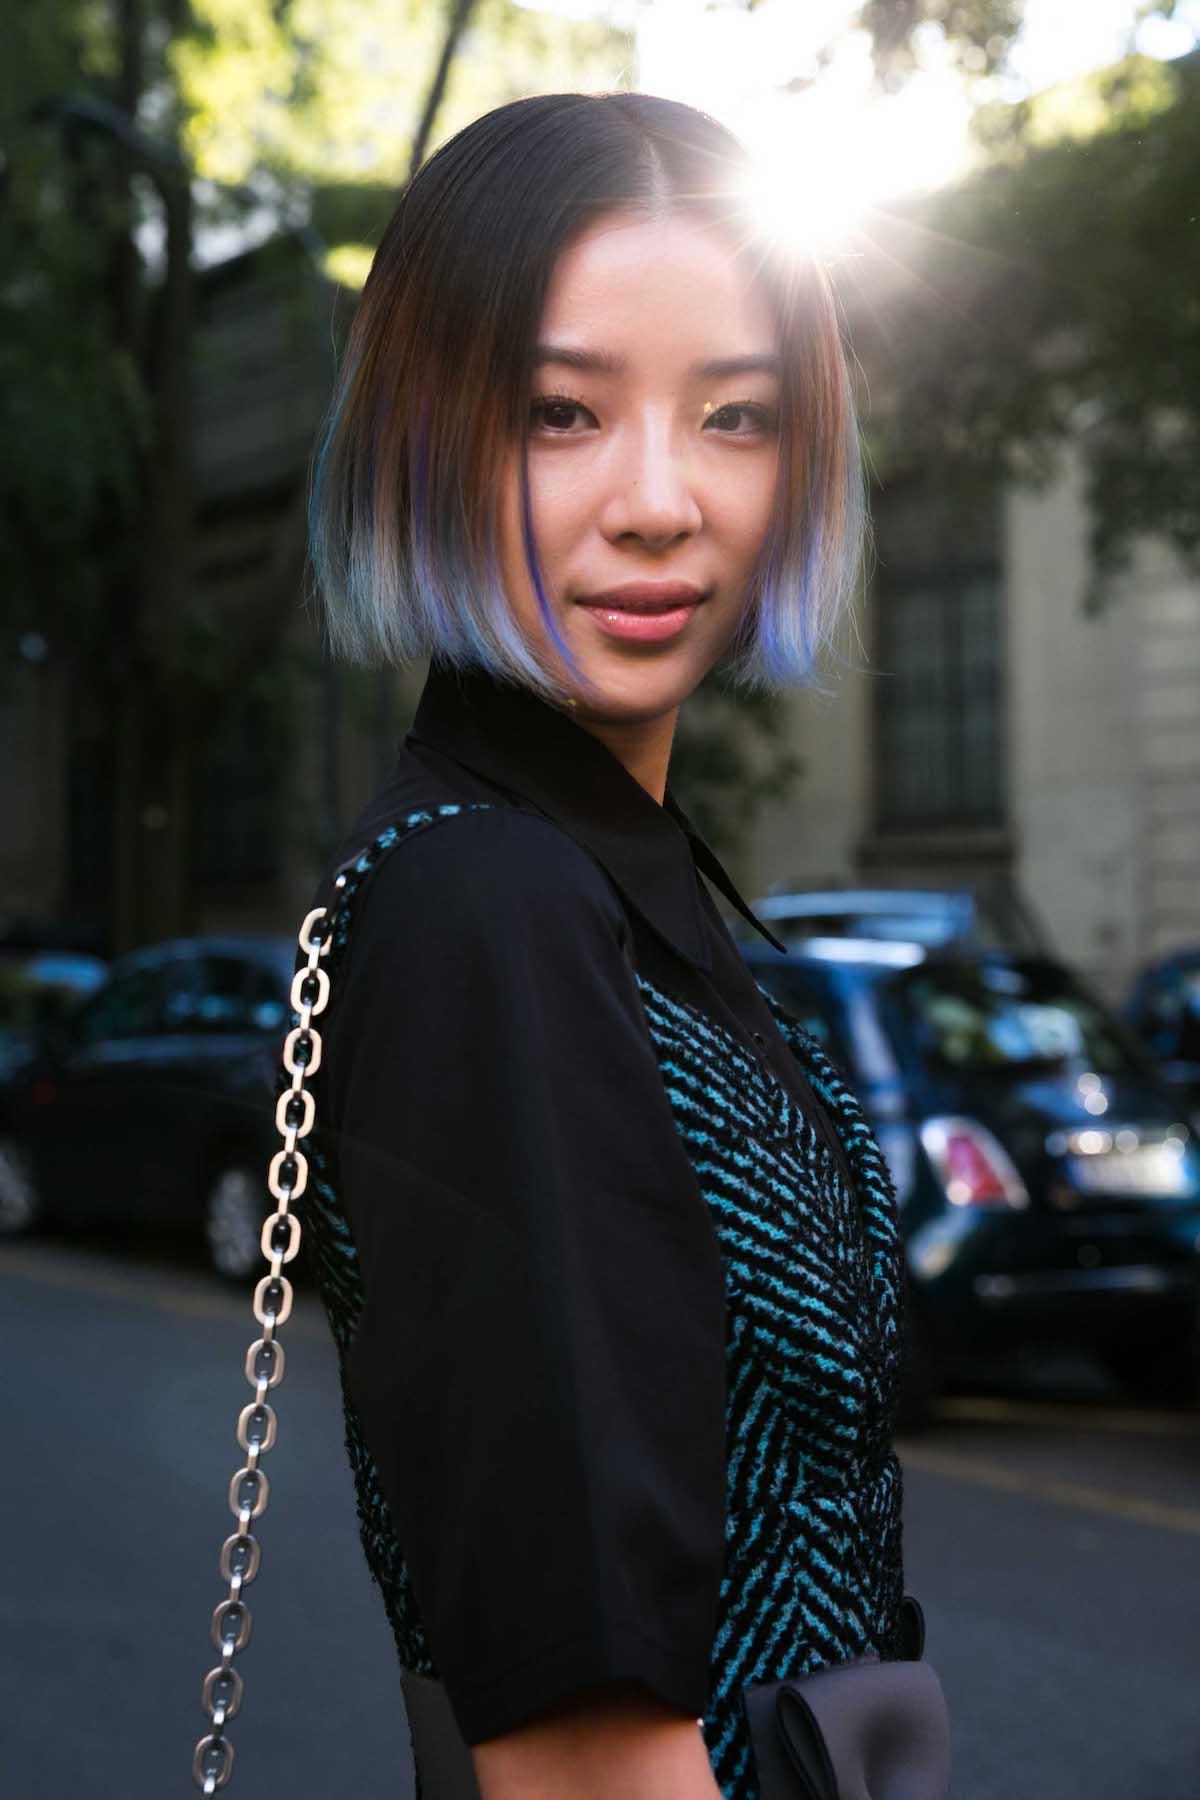 Wanita asia dengan warna rambut ombre pastel